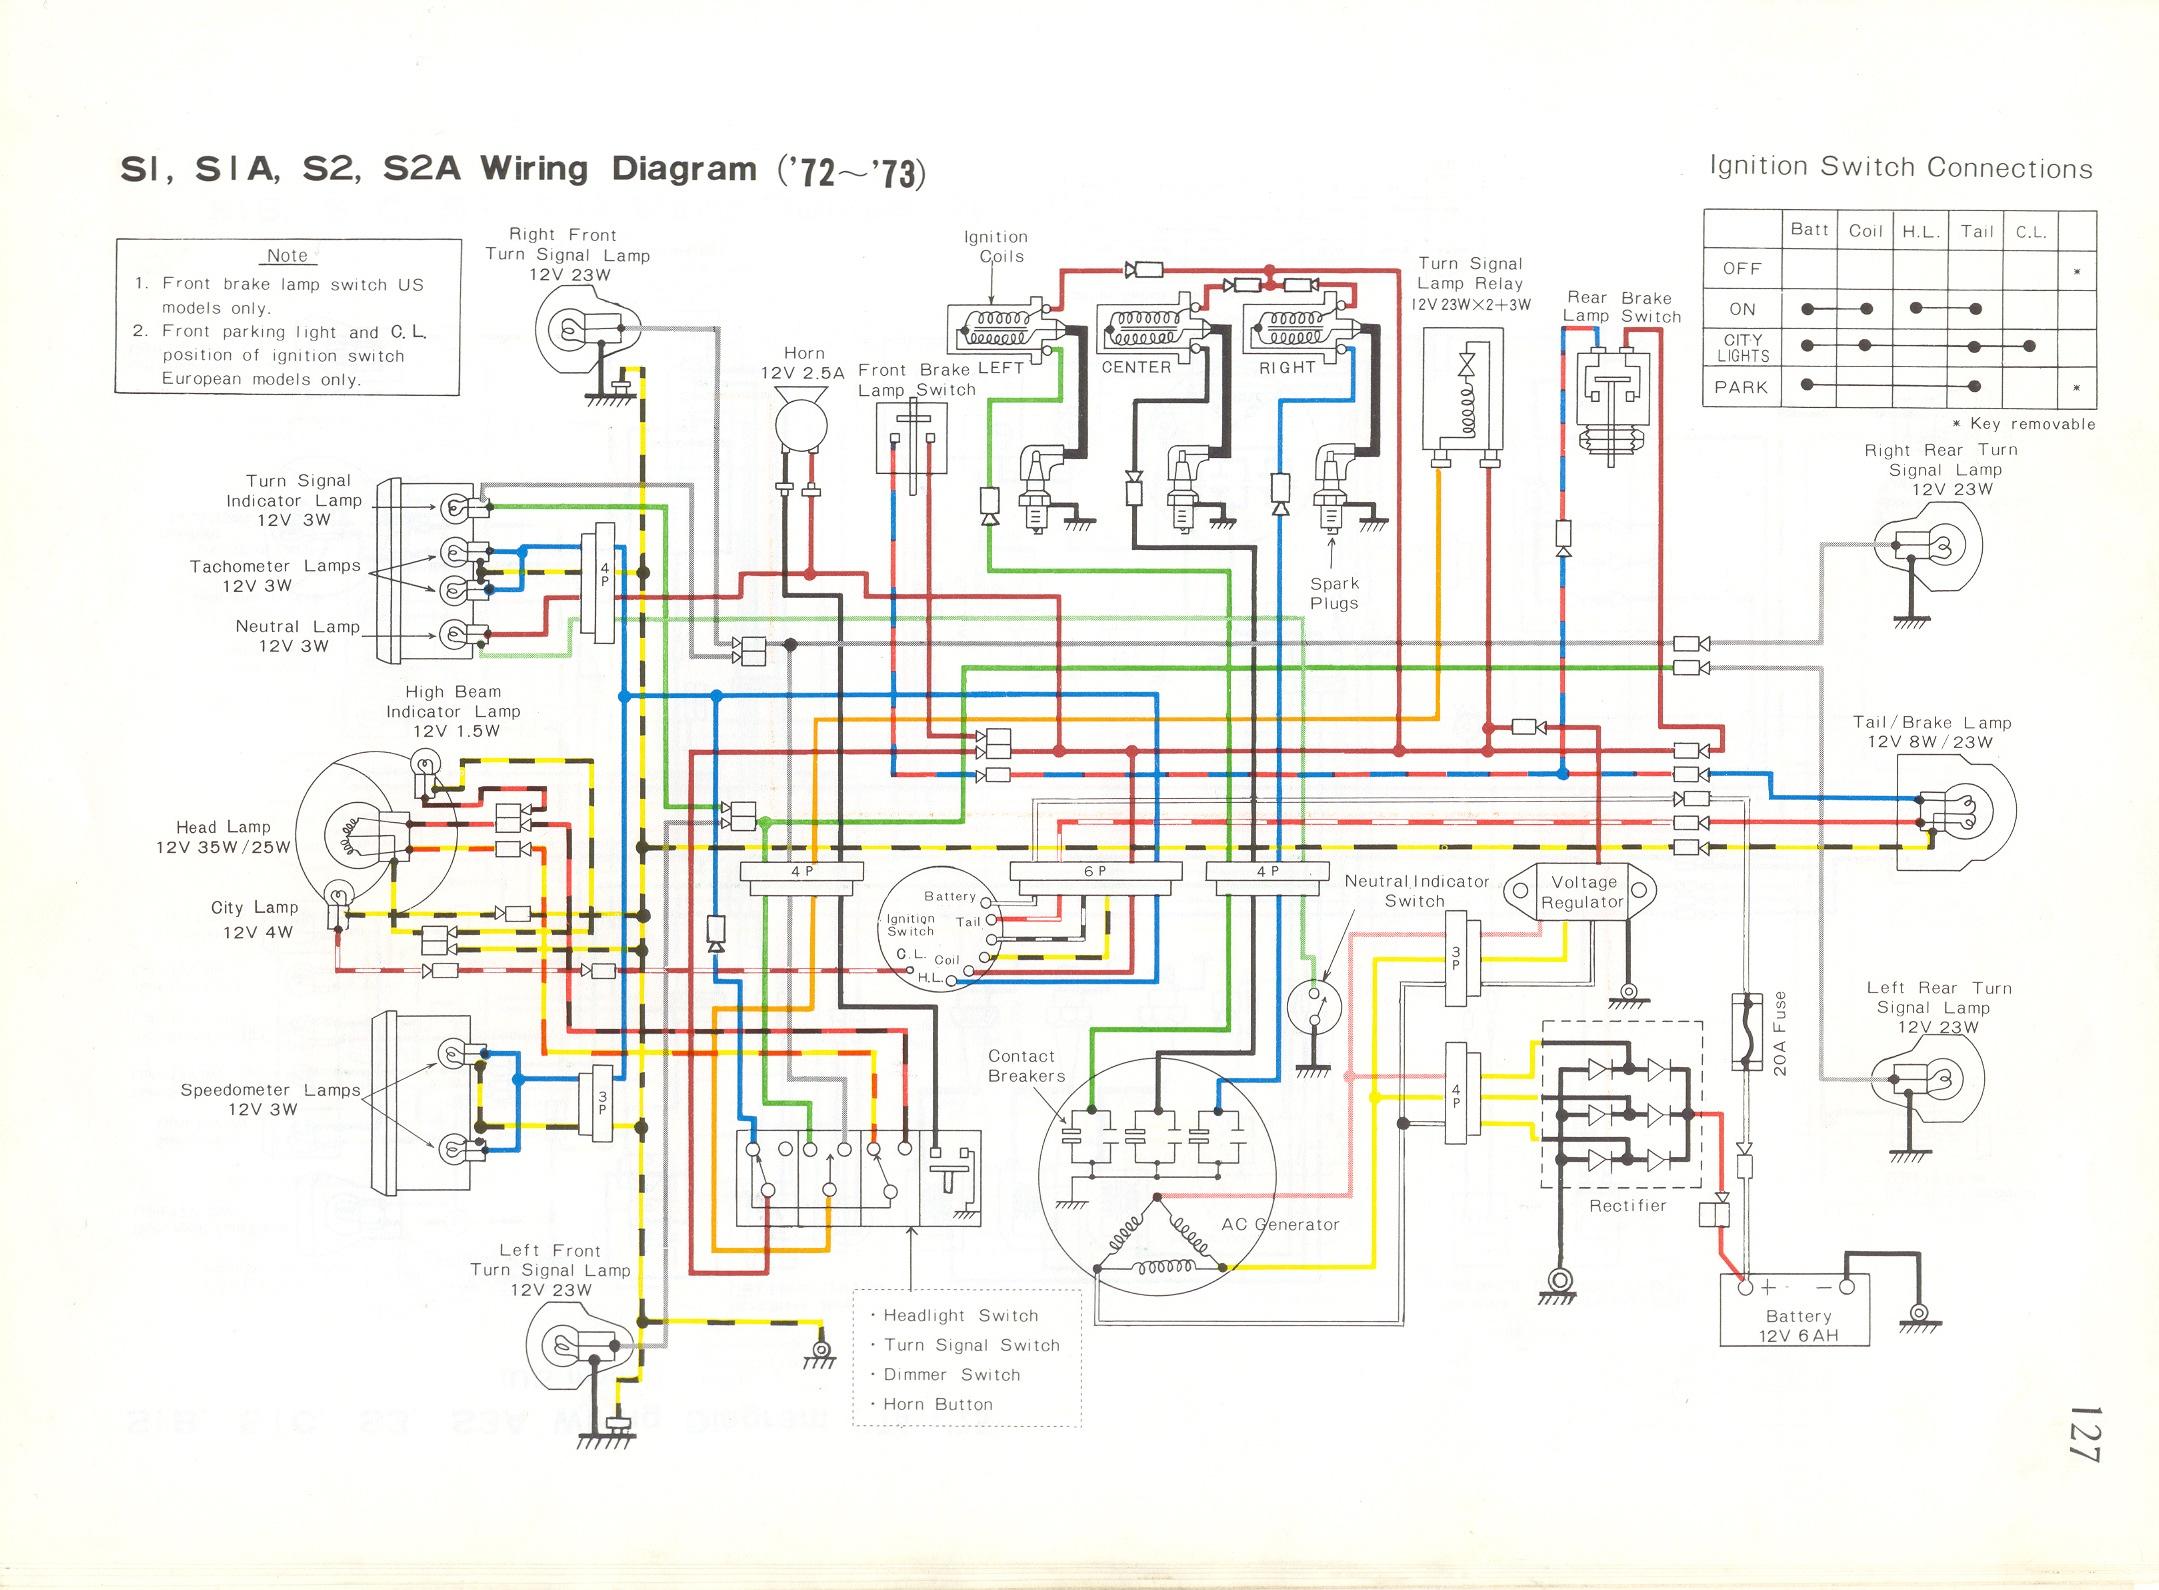 1973 kawasaki 90 wiring diagrams zt 2154  kawasaki g7 wiring diagram wiring diagram  kawasaki g7 wiring diagram wiring diagram